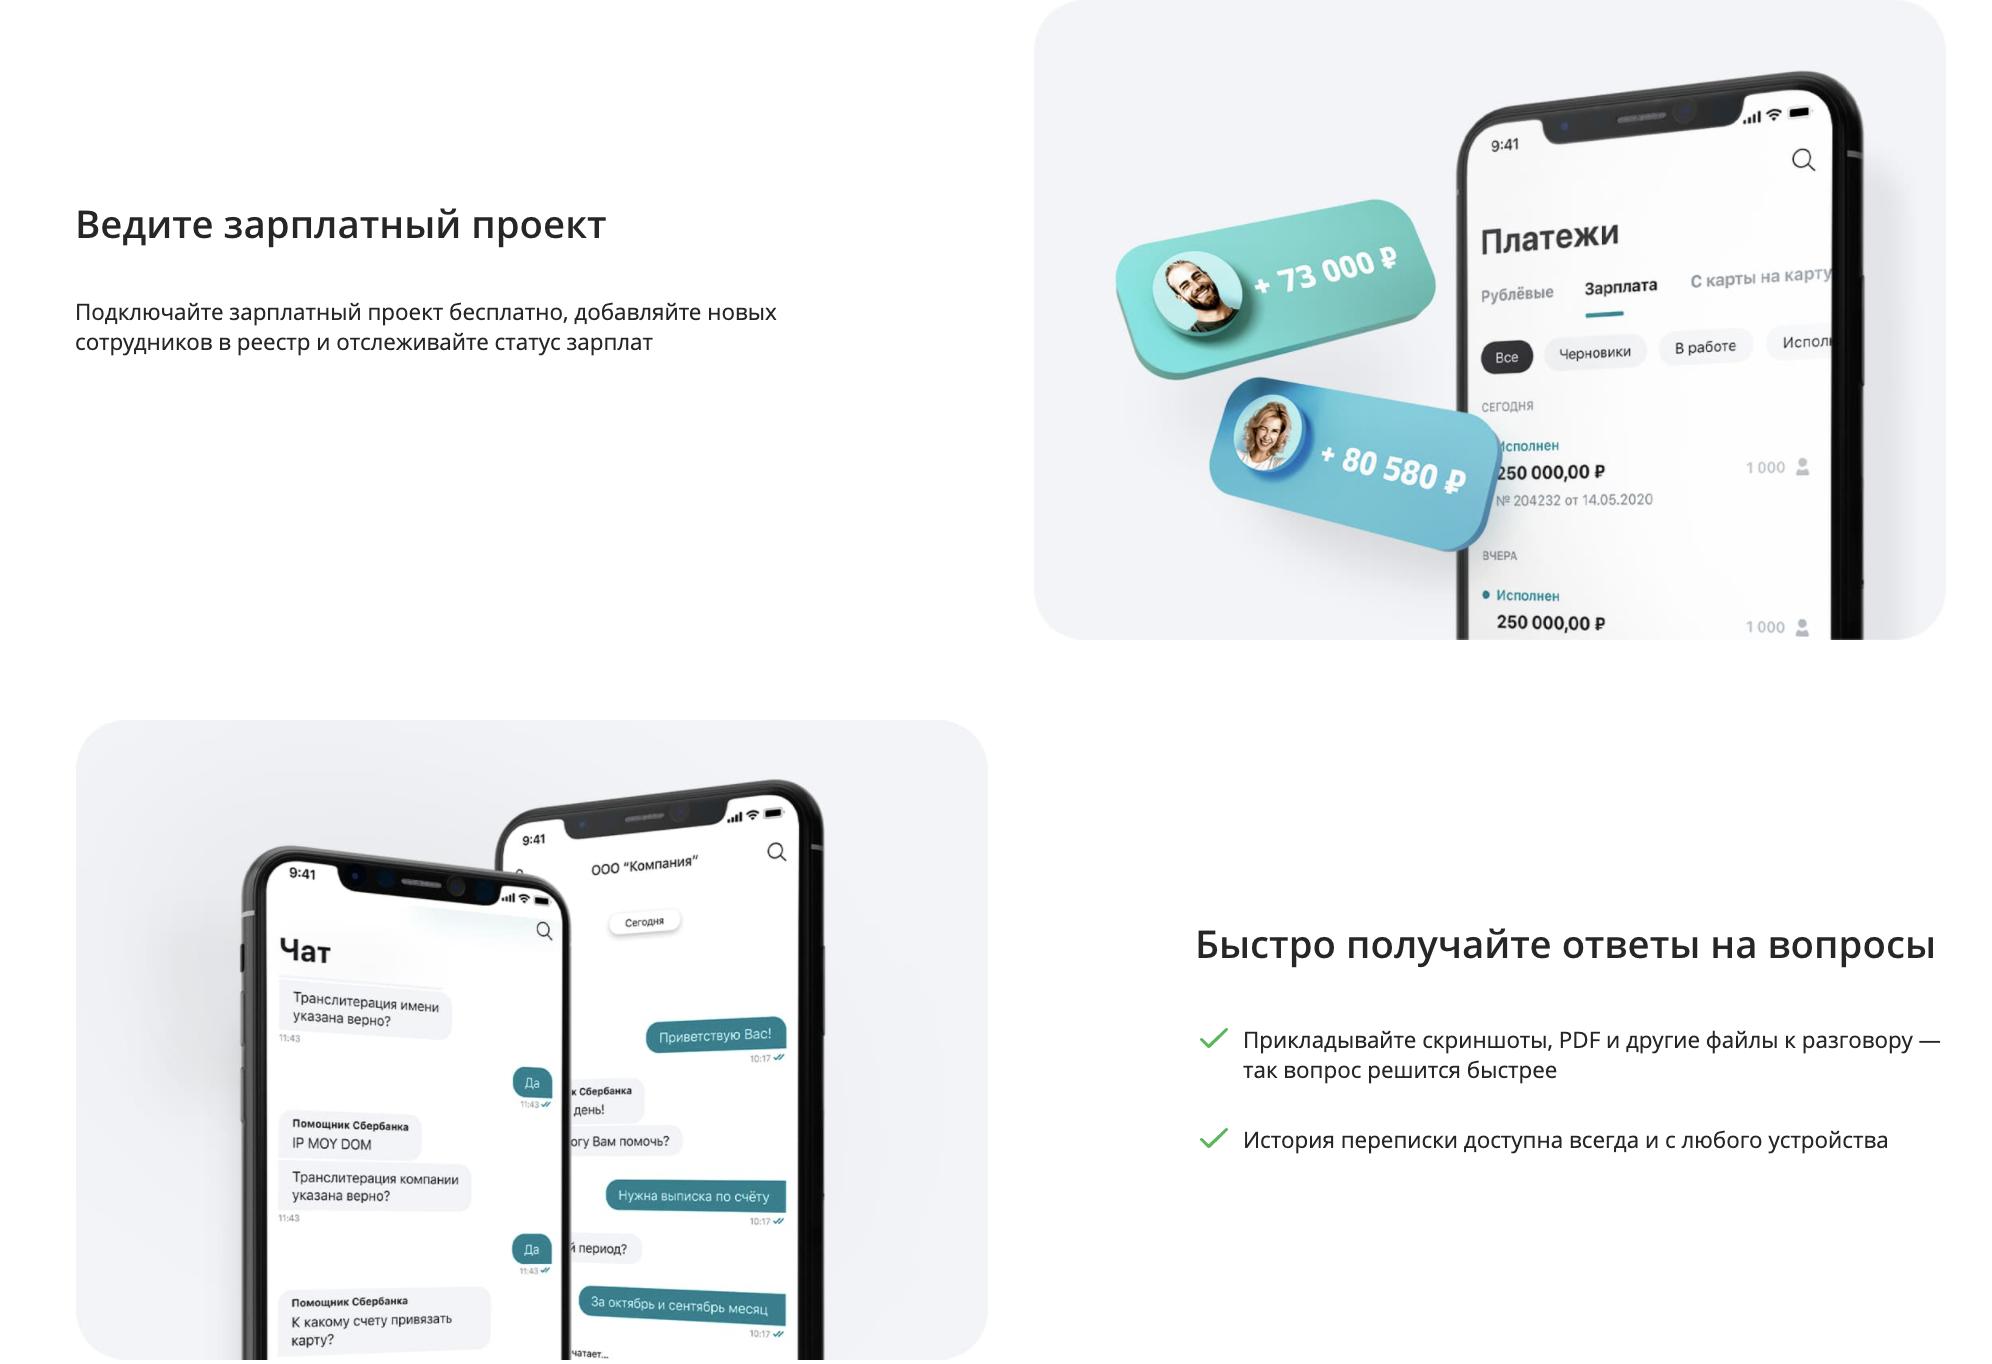 как установить приложение бизнес онлайн сбербанк на телефон